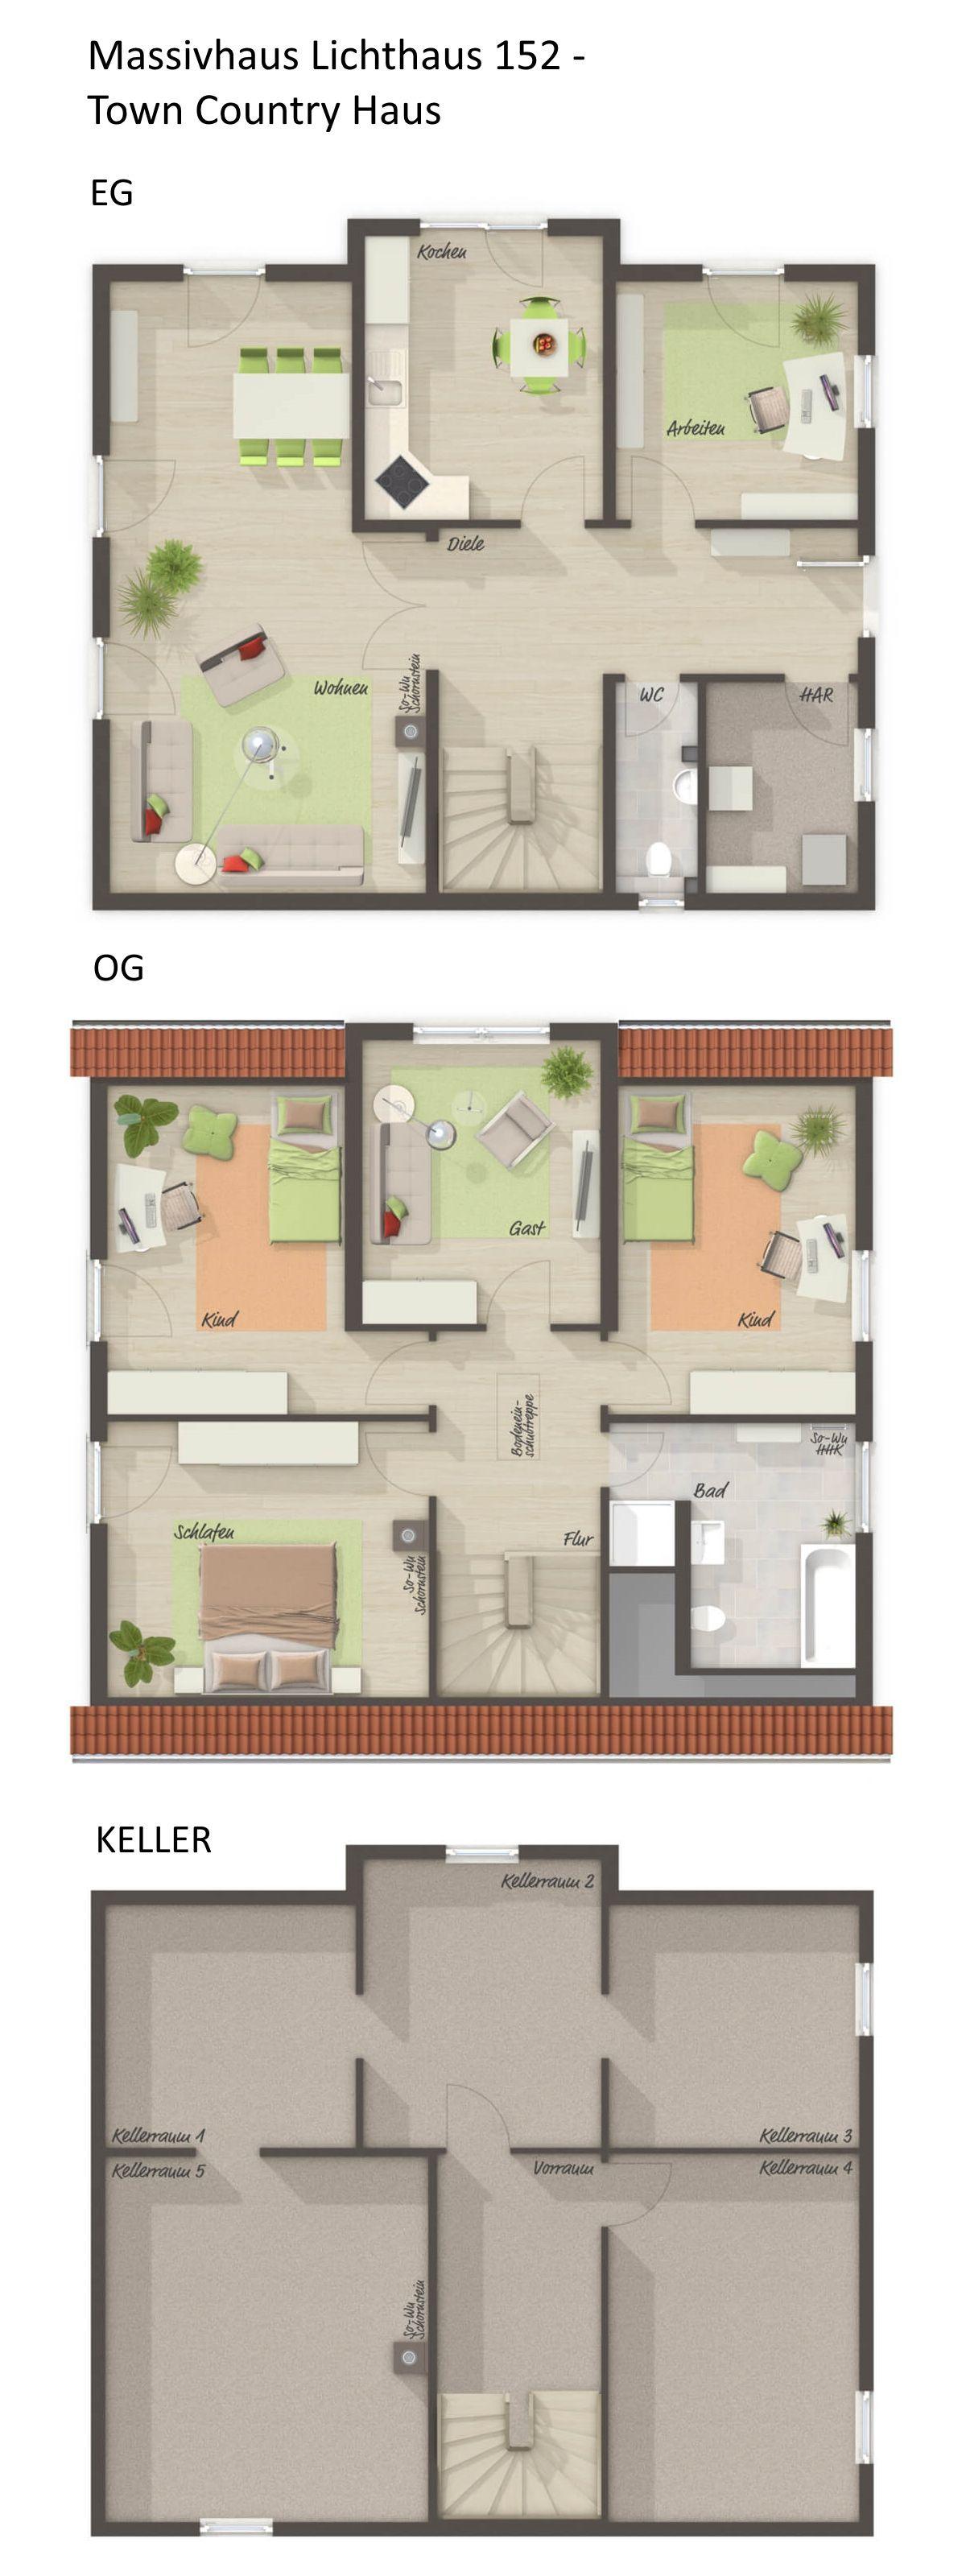 Entzückend Grundriss Einfamilienhaus 150 Qm Foto Von Mit Klinker Fassade, Zwerchgiebel & Satteldach Architektur